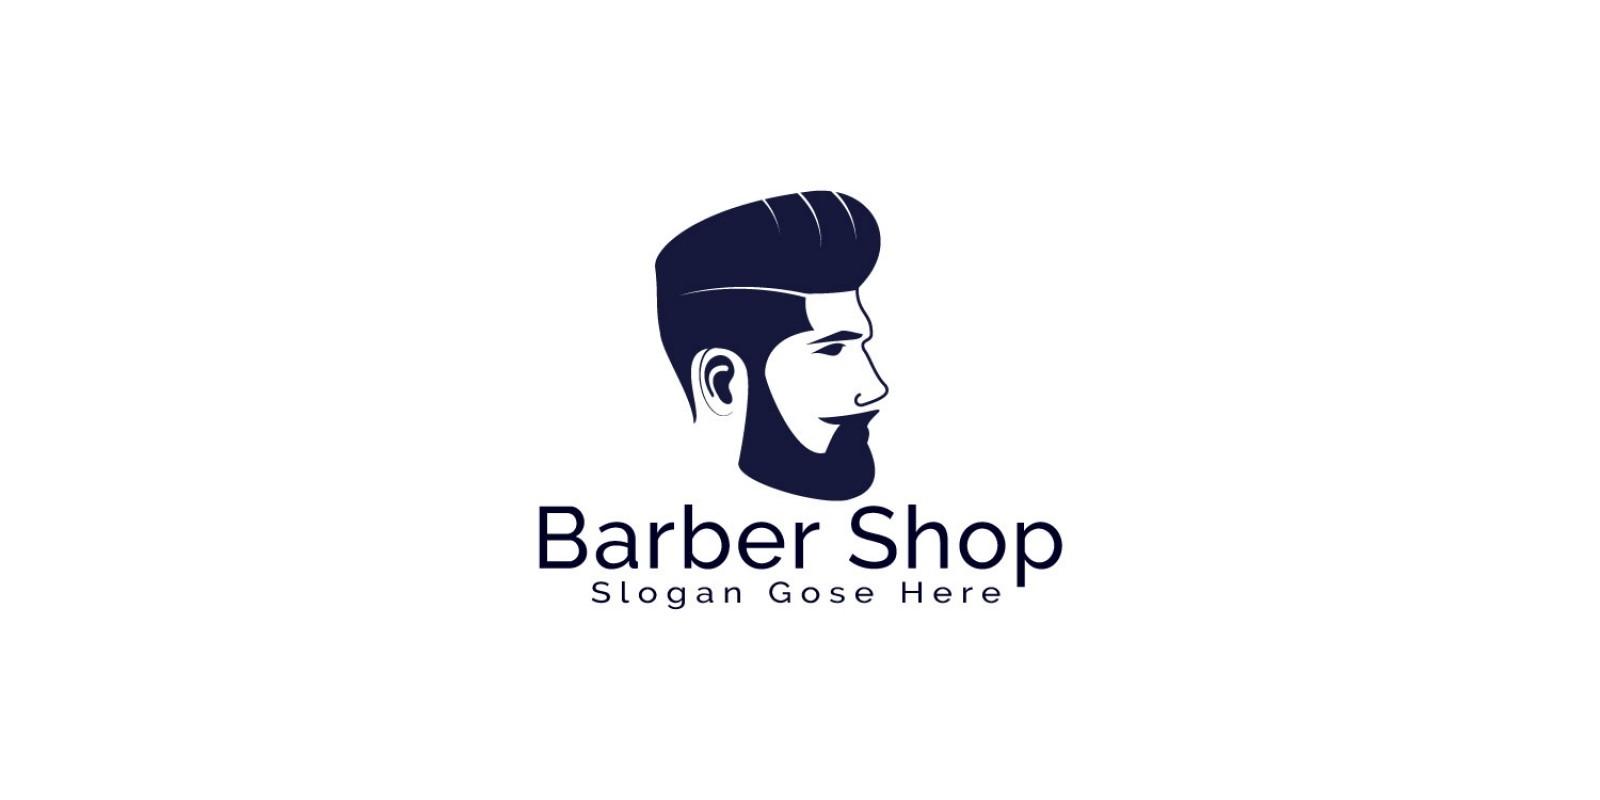 Barber Shop Logo Design